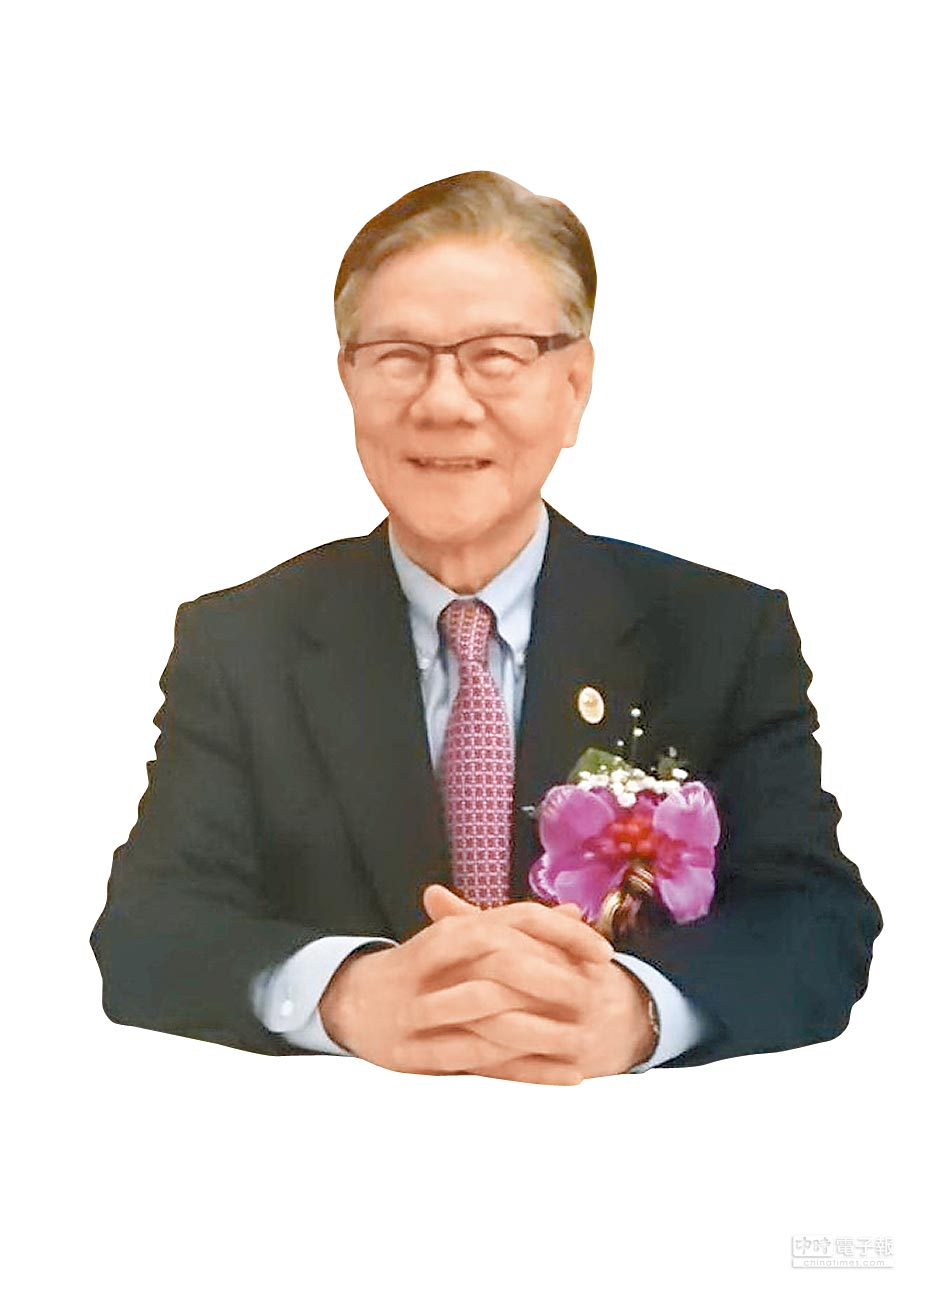 大億集團董事長吳俊億